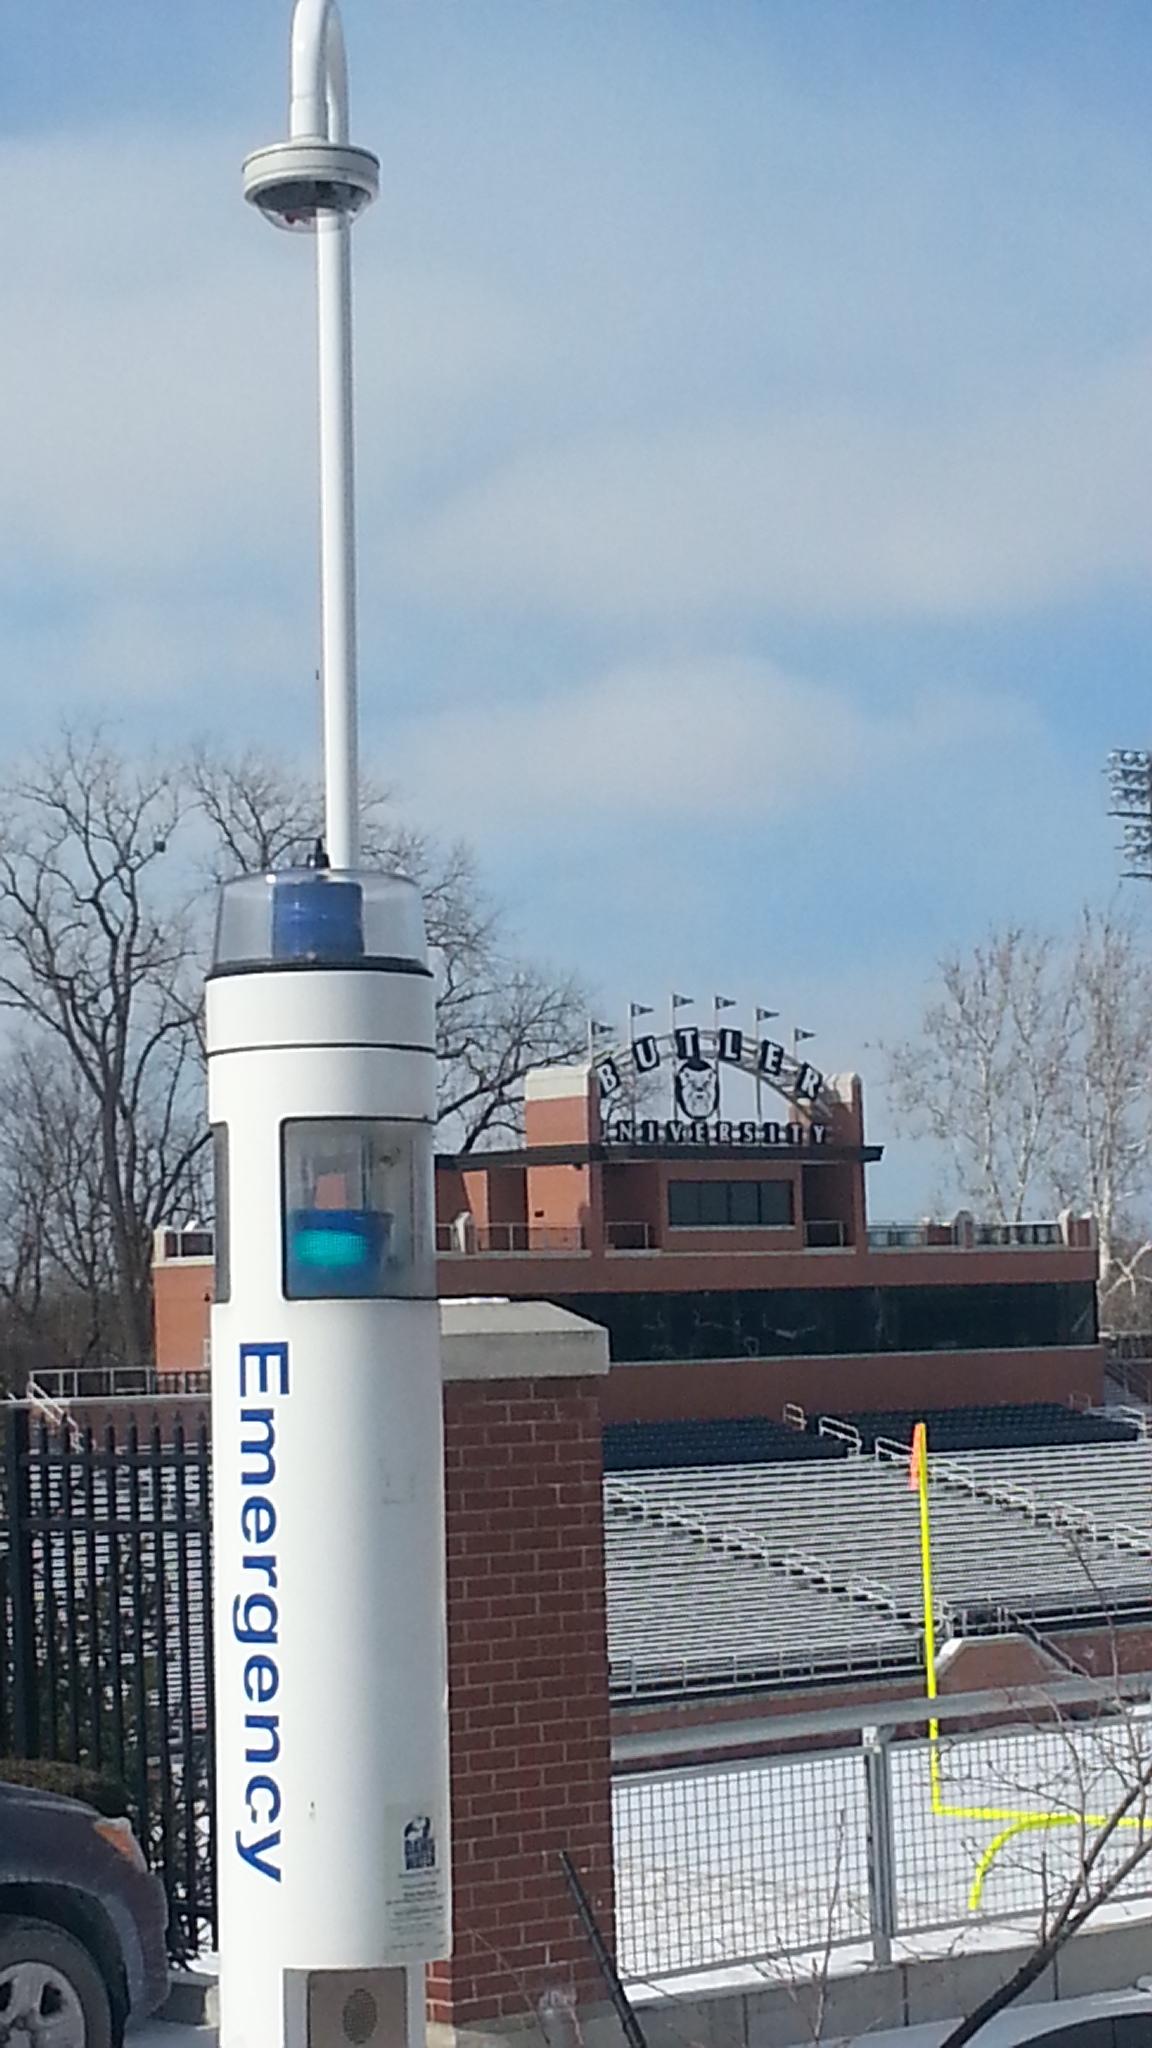 Butler University, Indianapolis, Indiana